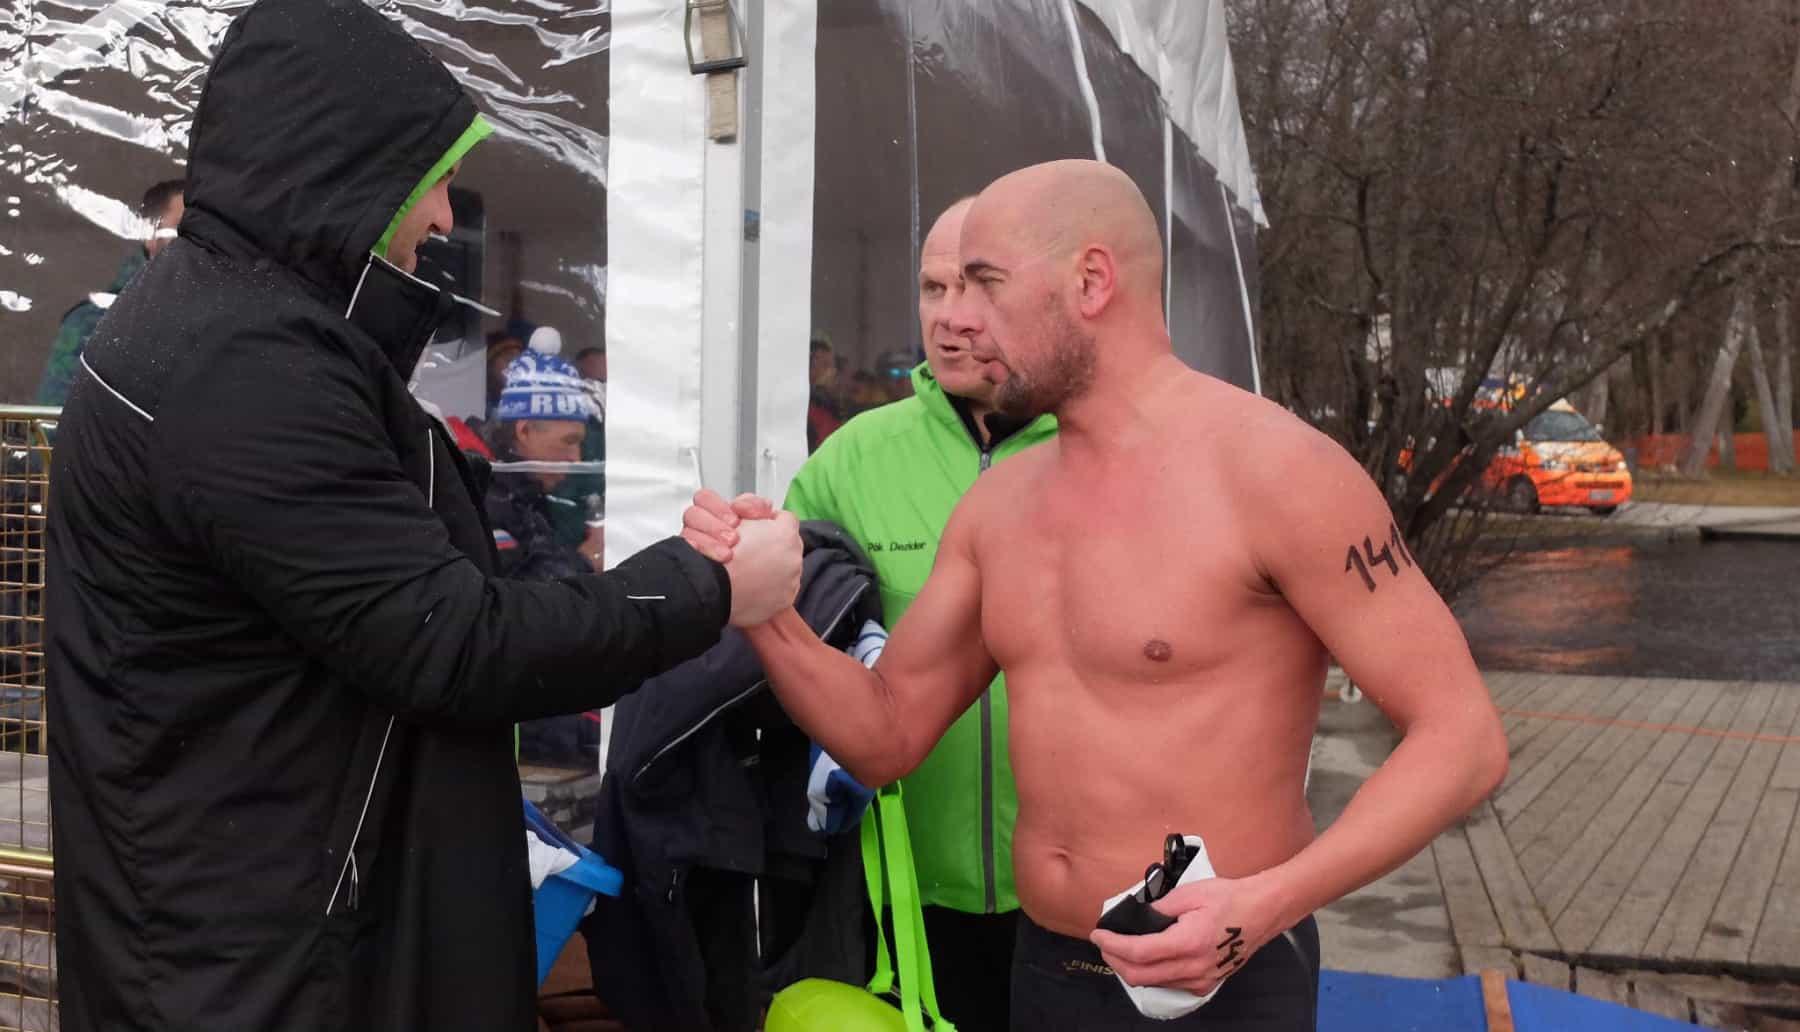 Impressionen vom Rennen über 1.000 Meter bei der Winterschwimm-WM in Bled (Slowenien)